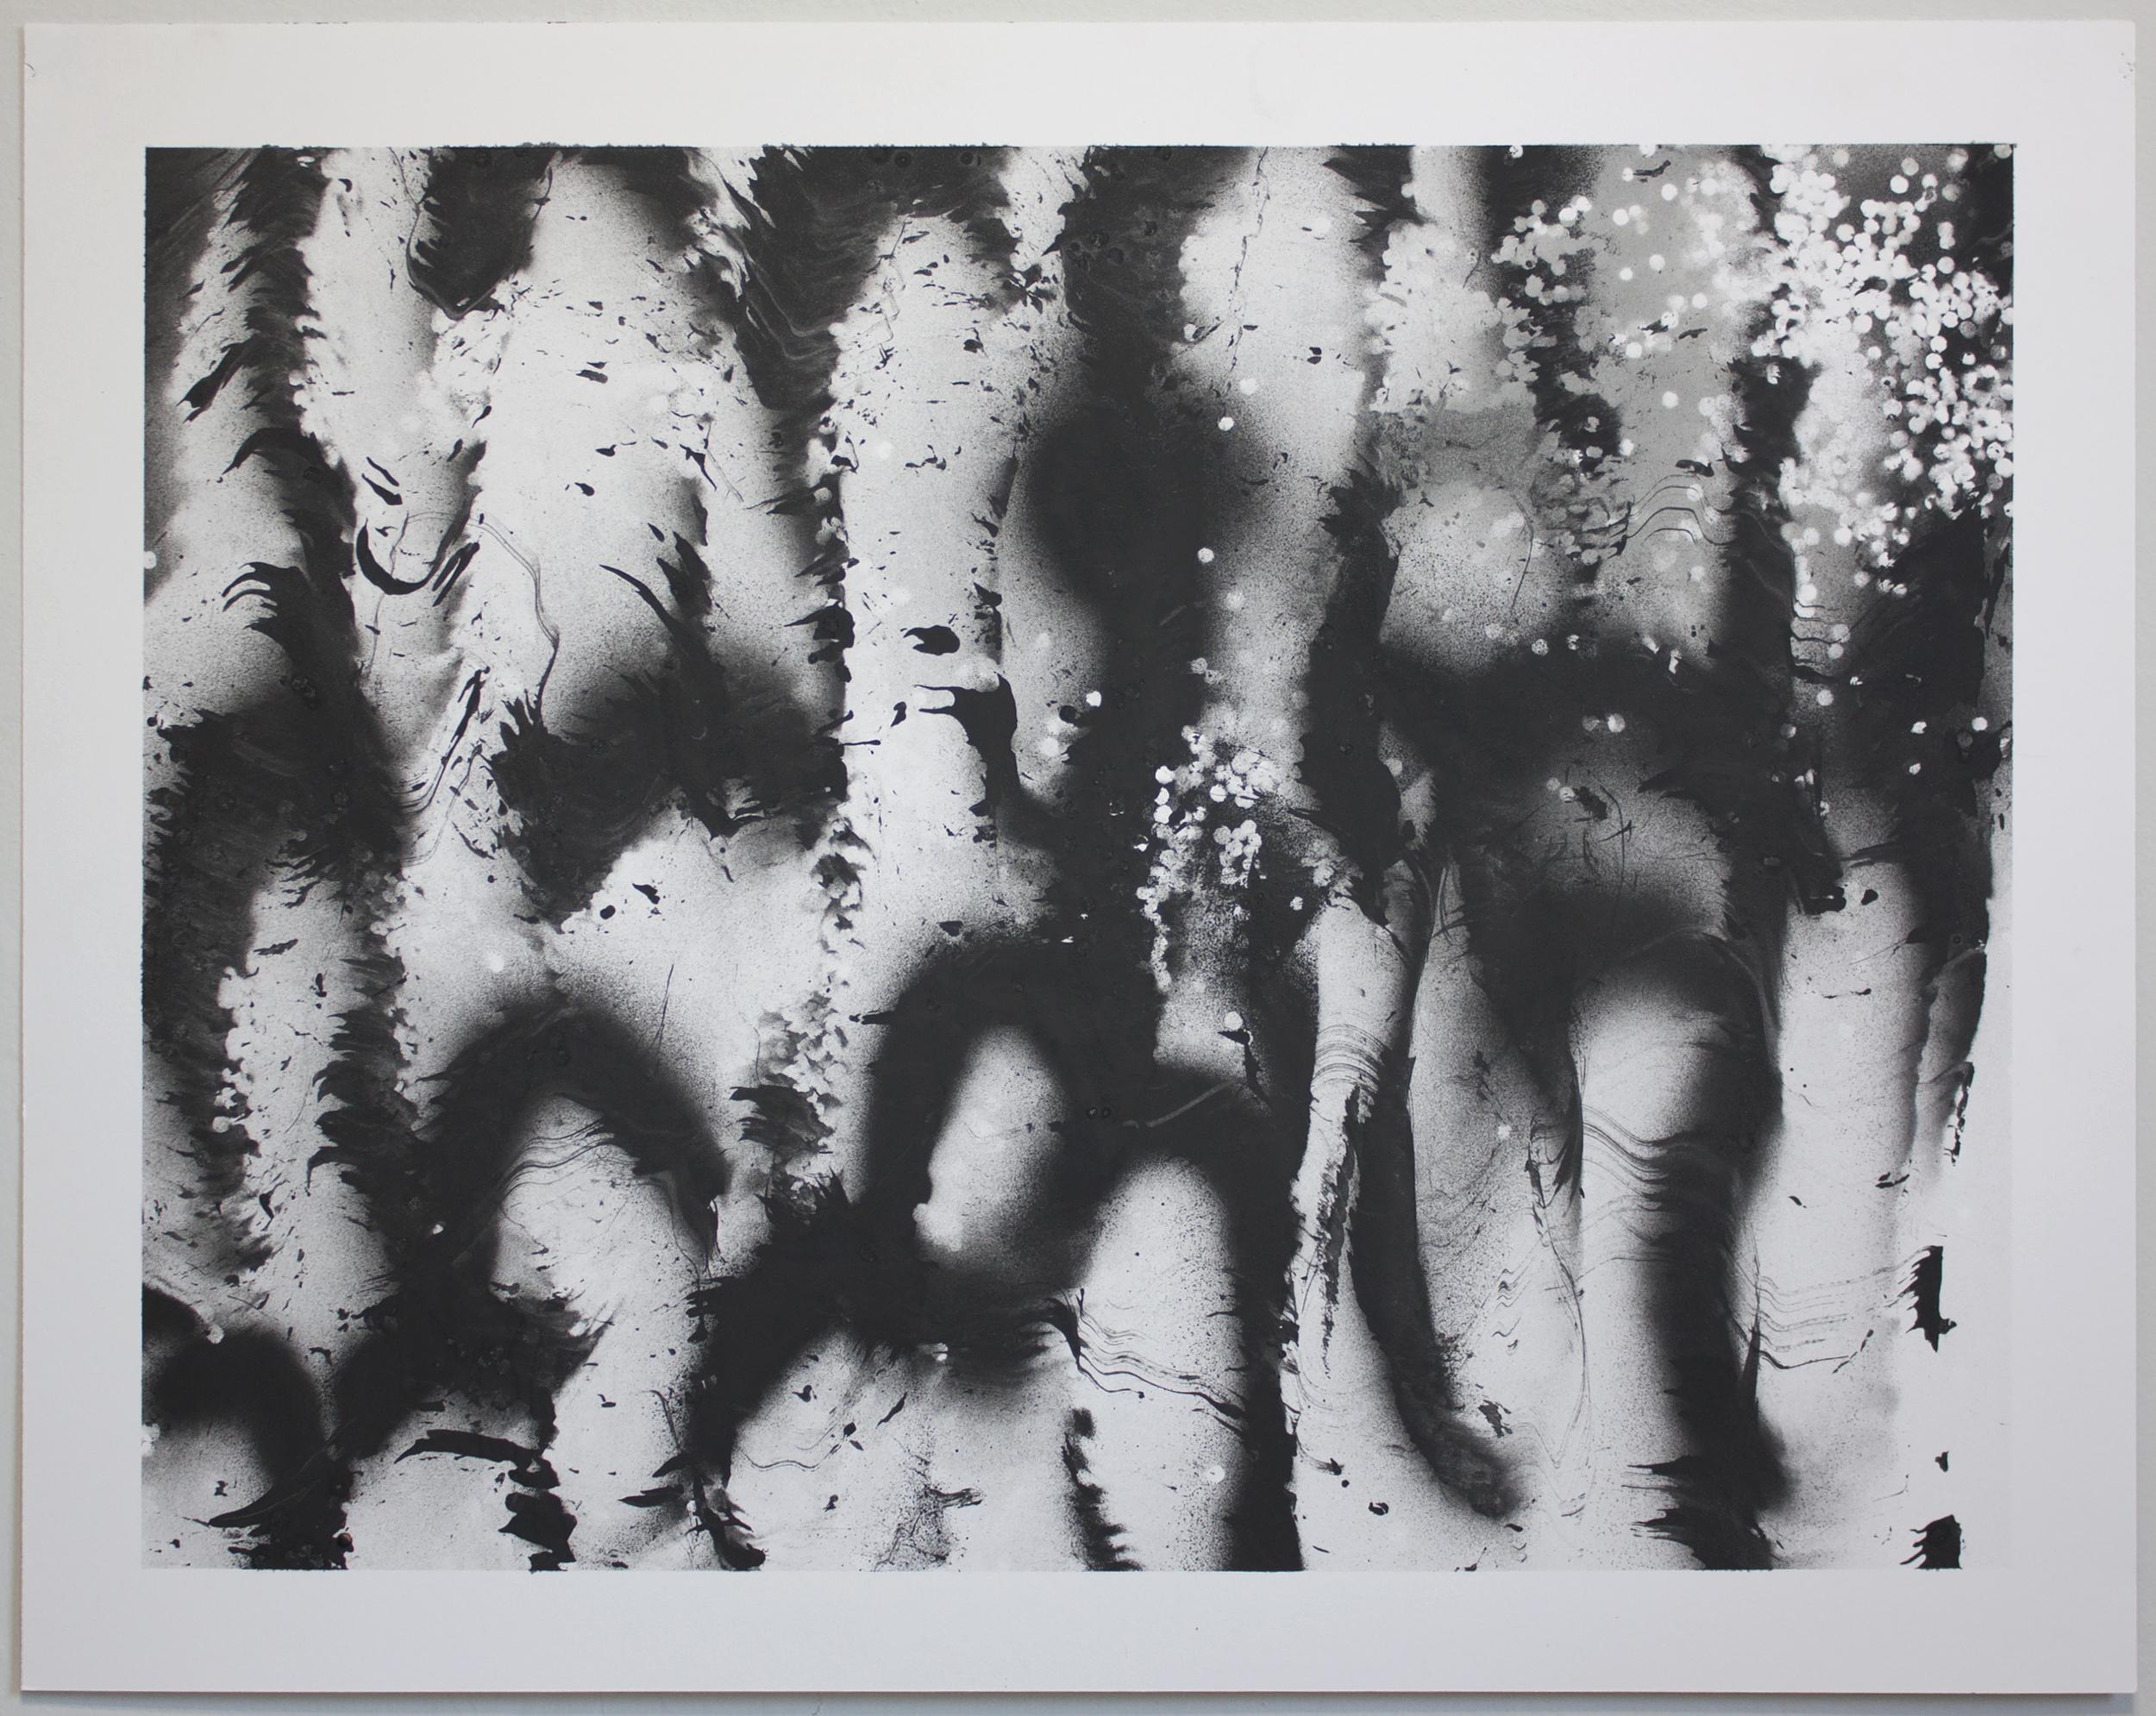 Untitled  2015 Oil enamel on paper 19 x 24 in.